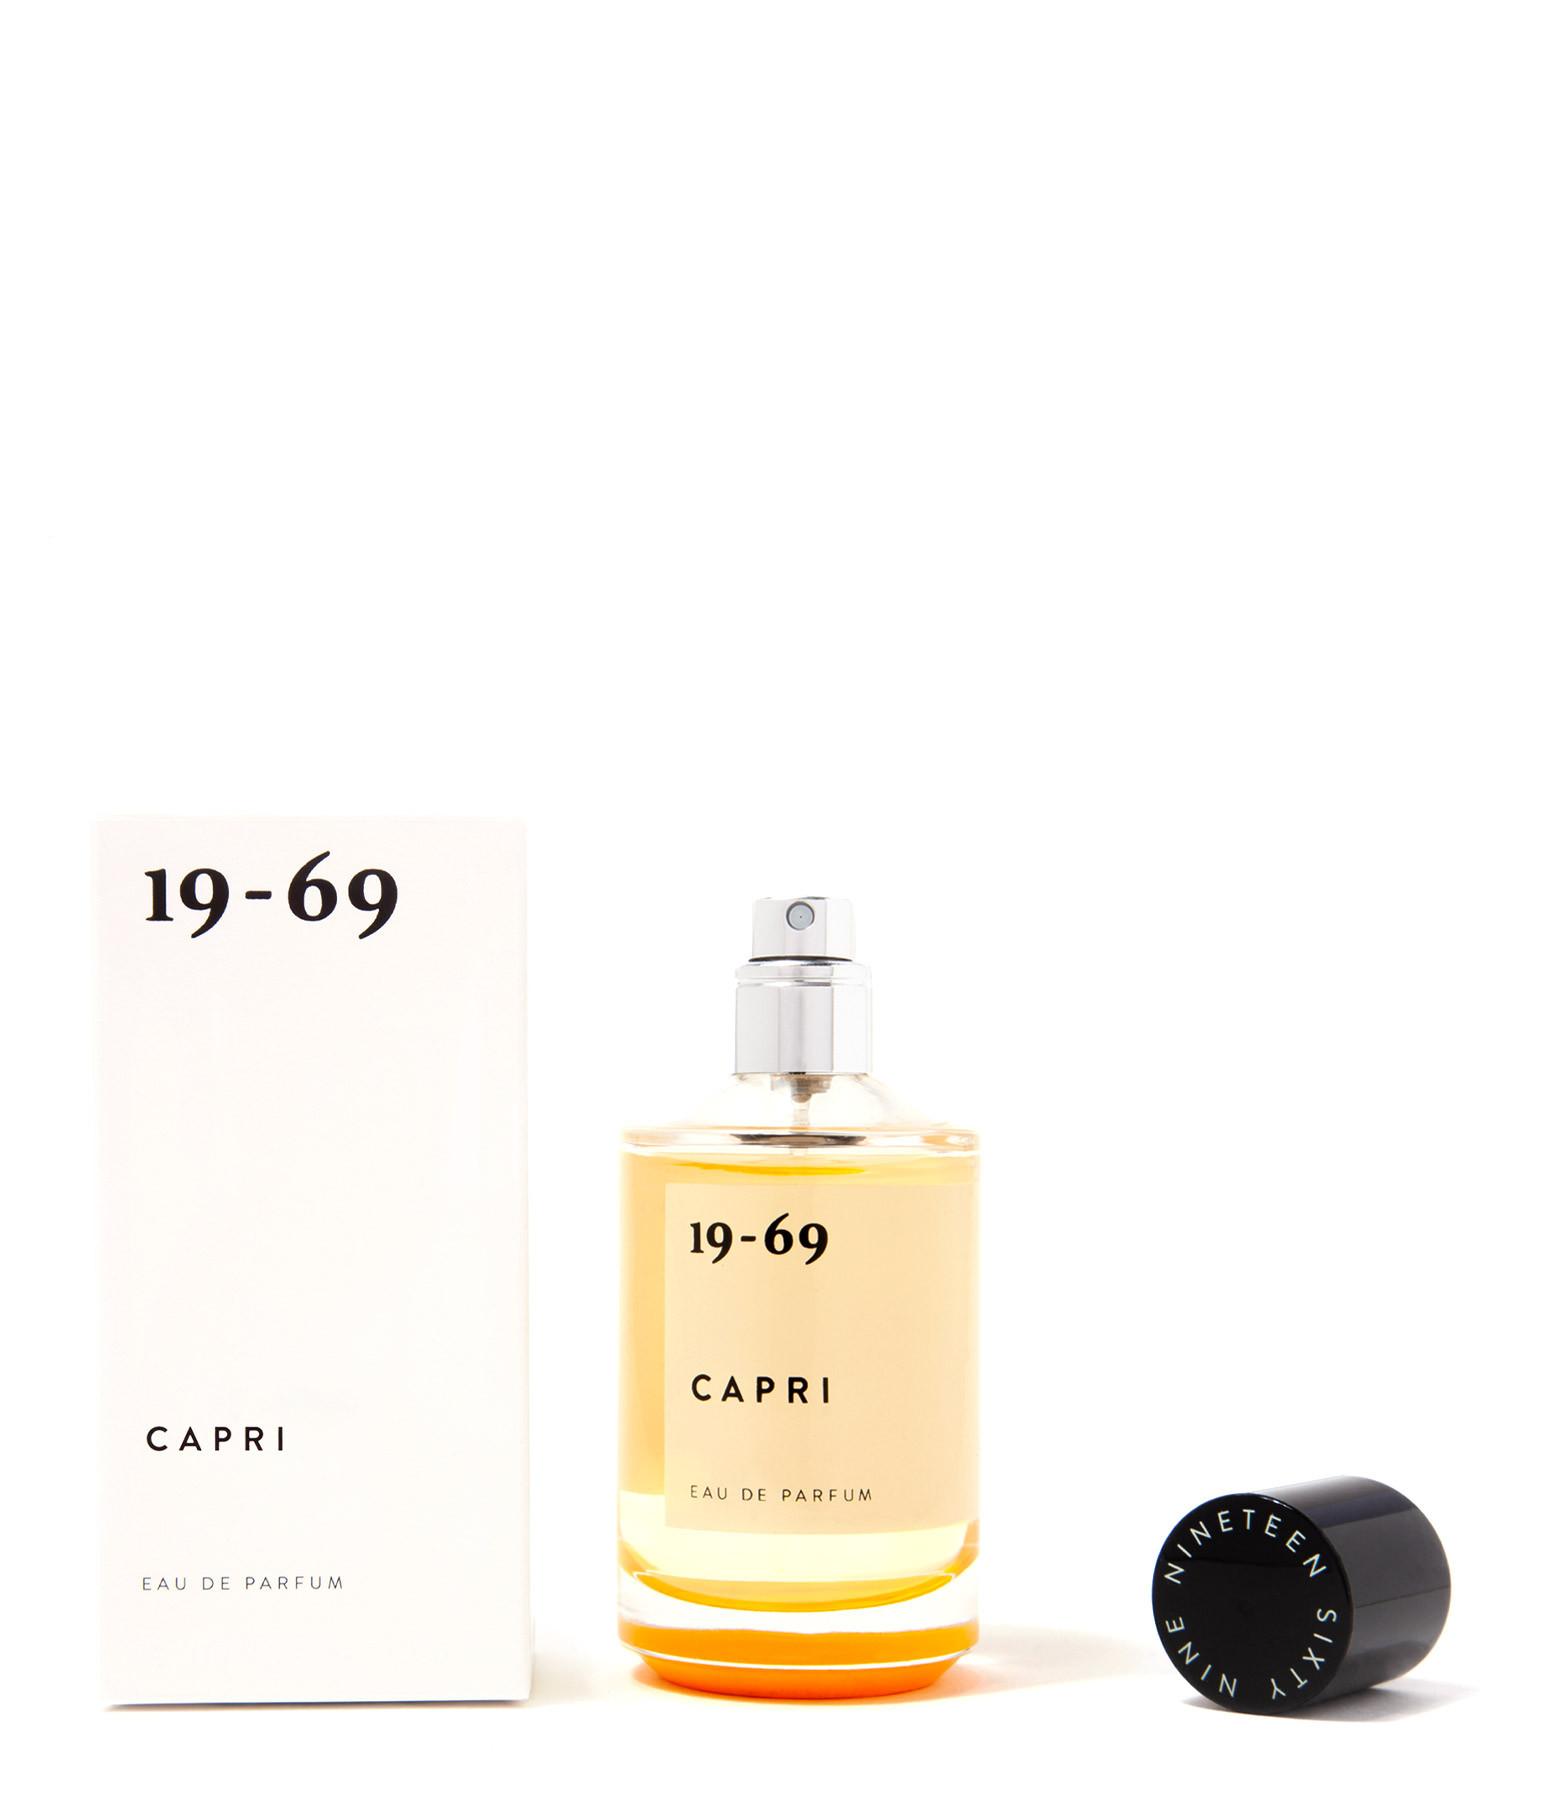 19-69 - Eau de Parfum Capri 100 ml